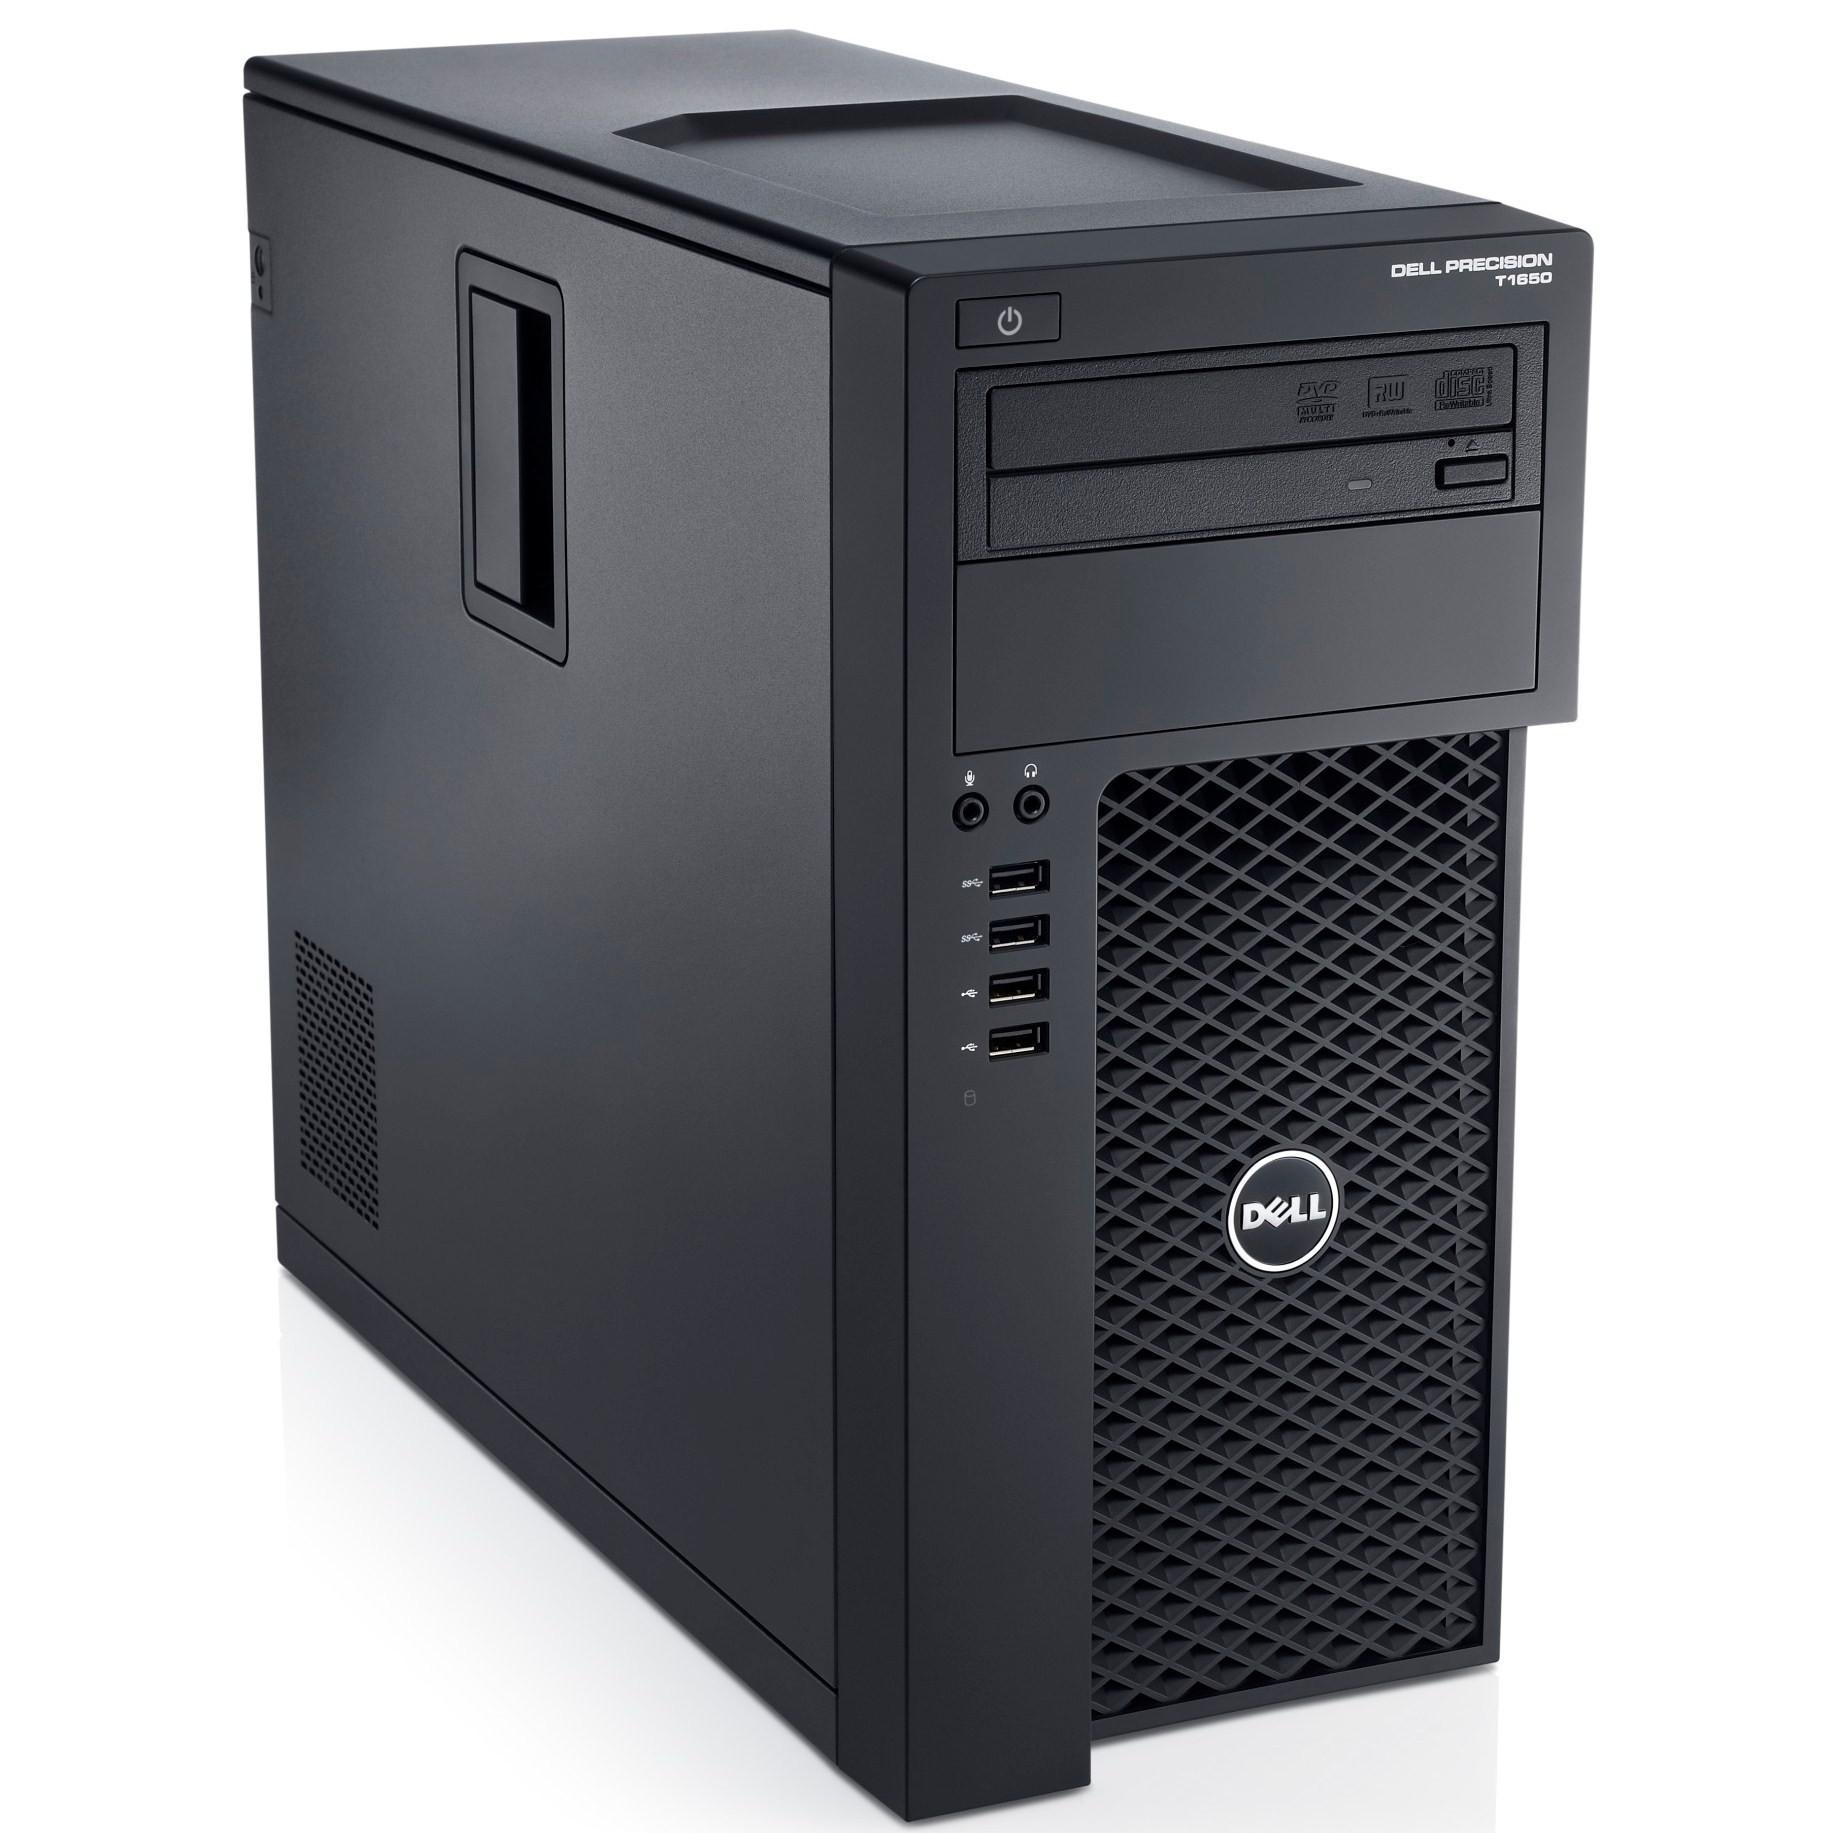 Dell Precision T1700 Xeon E3 3,5 GHz - SSD 256 Go + HDD 500 Go RAM 8 Go